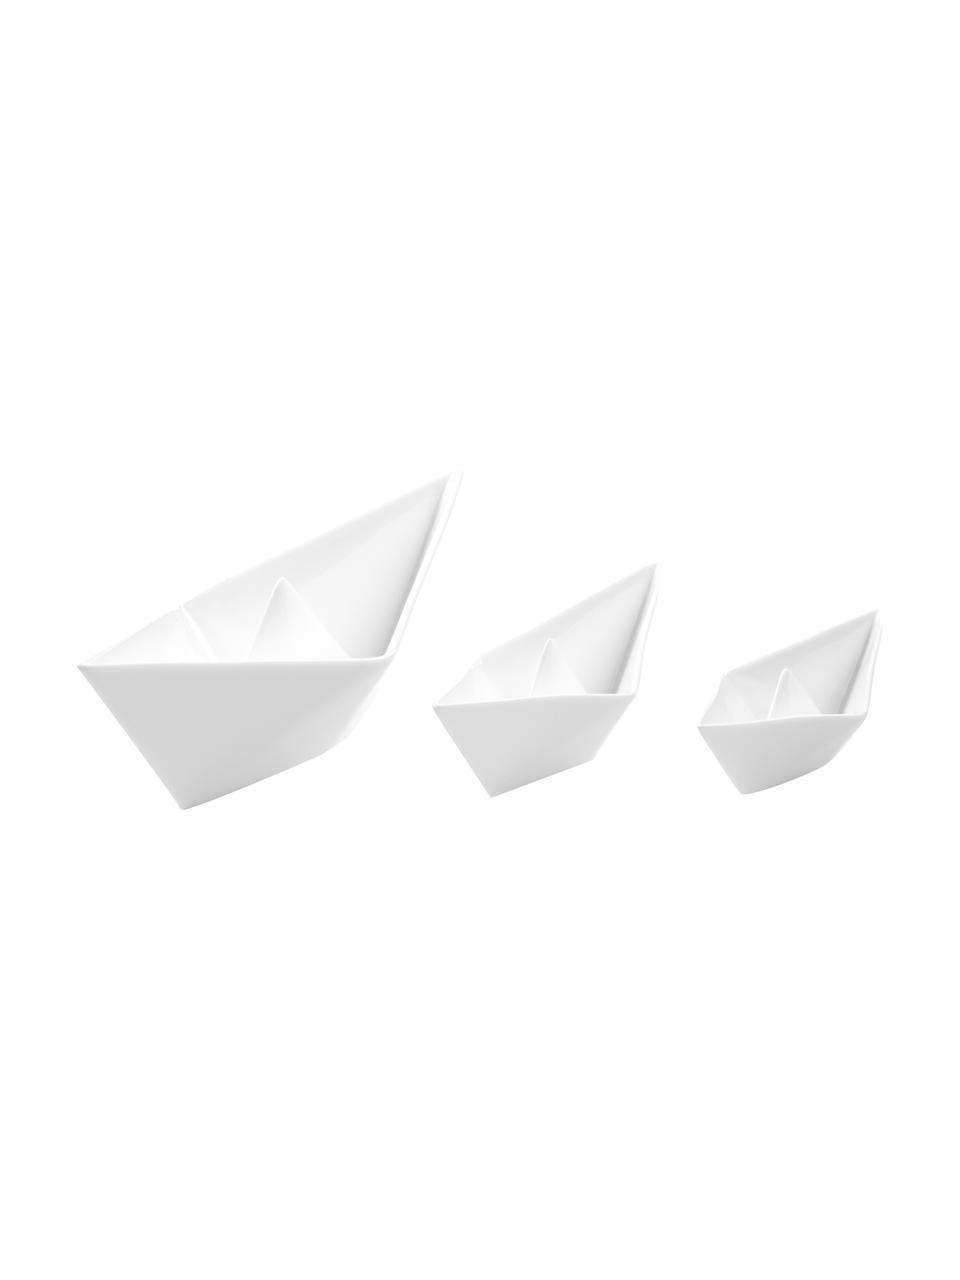 Deko-Schiffchen-Set My Boat, 3-tlg., Porzellan, Weiß, Sondergrößen